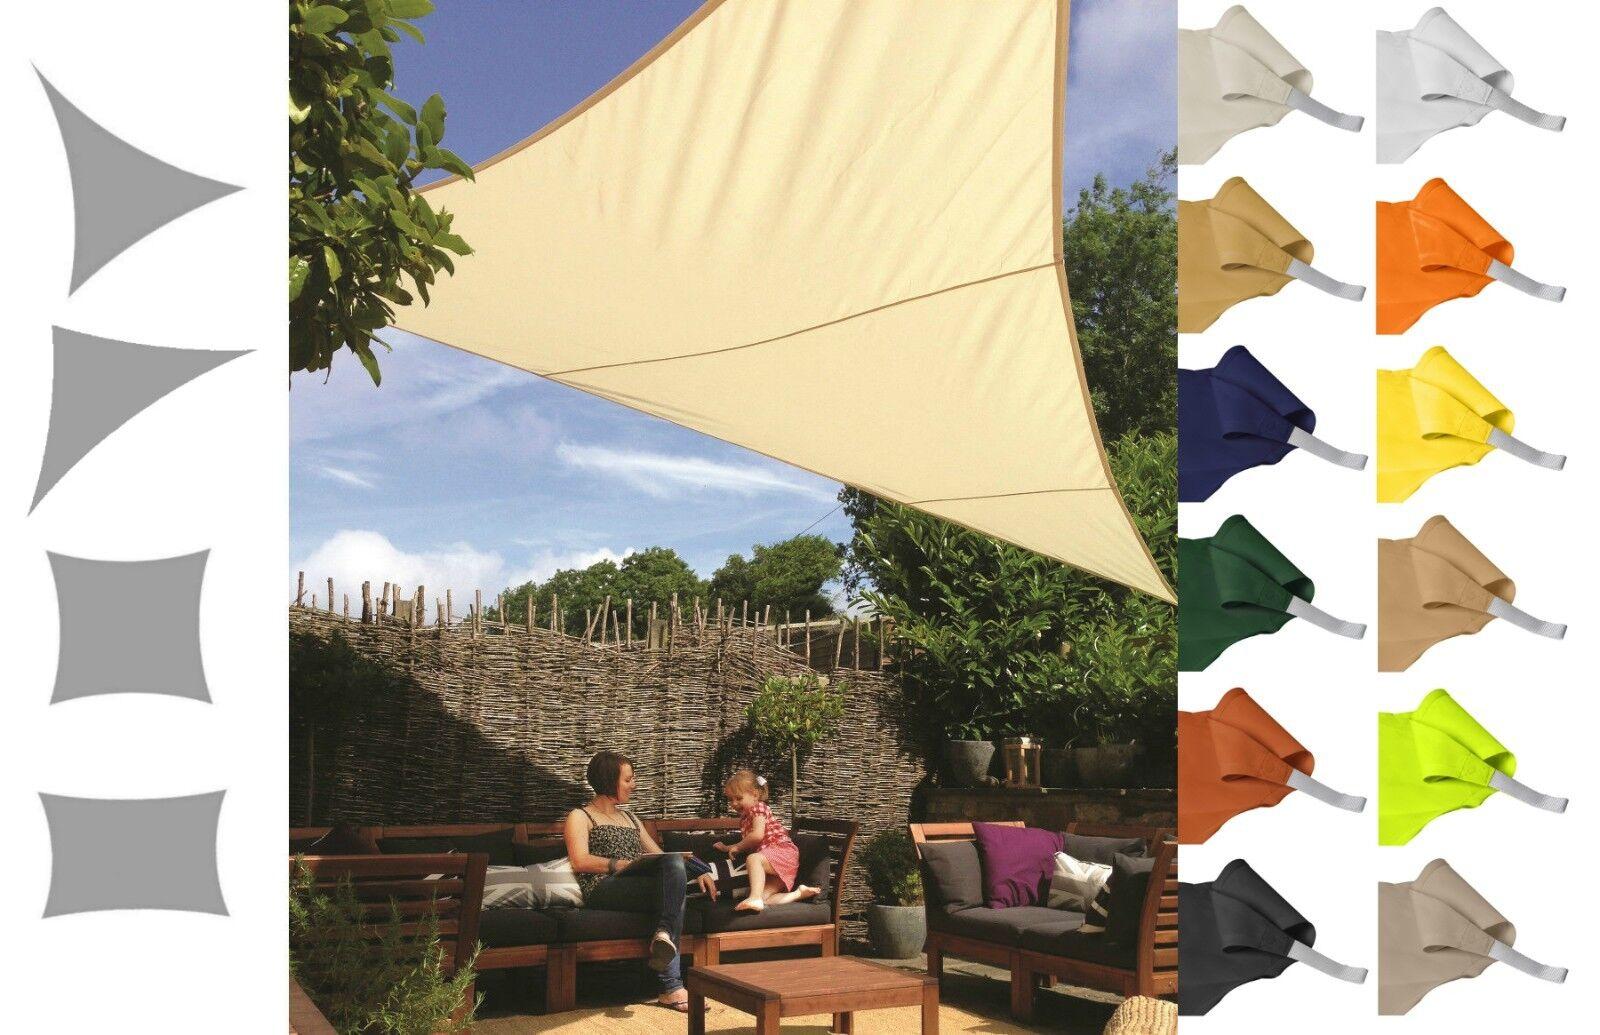 Sonnensegel Sonnenschutz Gewebtes Wasserabweisend 96.5% 96.5% 96.5% UV-Schutz Garten Balkon | Toy Story  | Langfristiger Ruf  | Flagship-Store  07279b